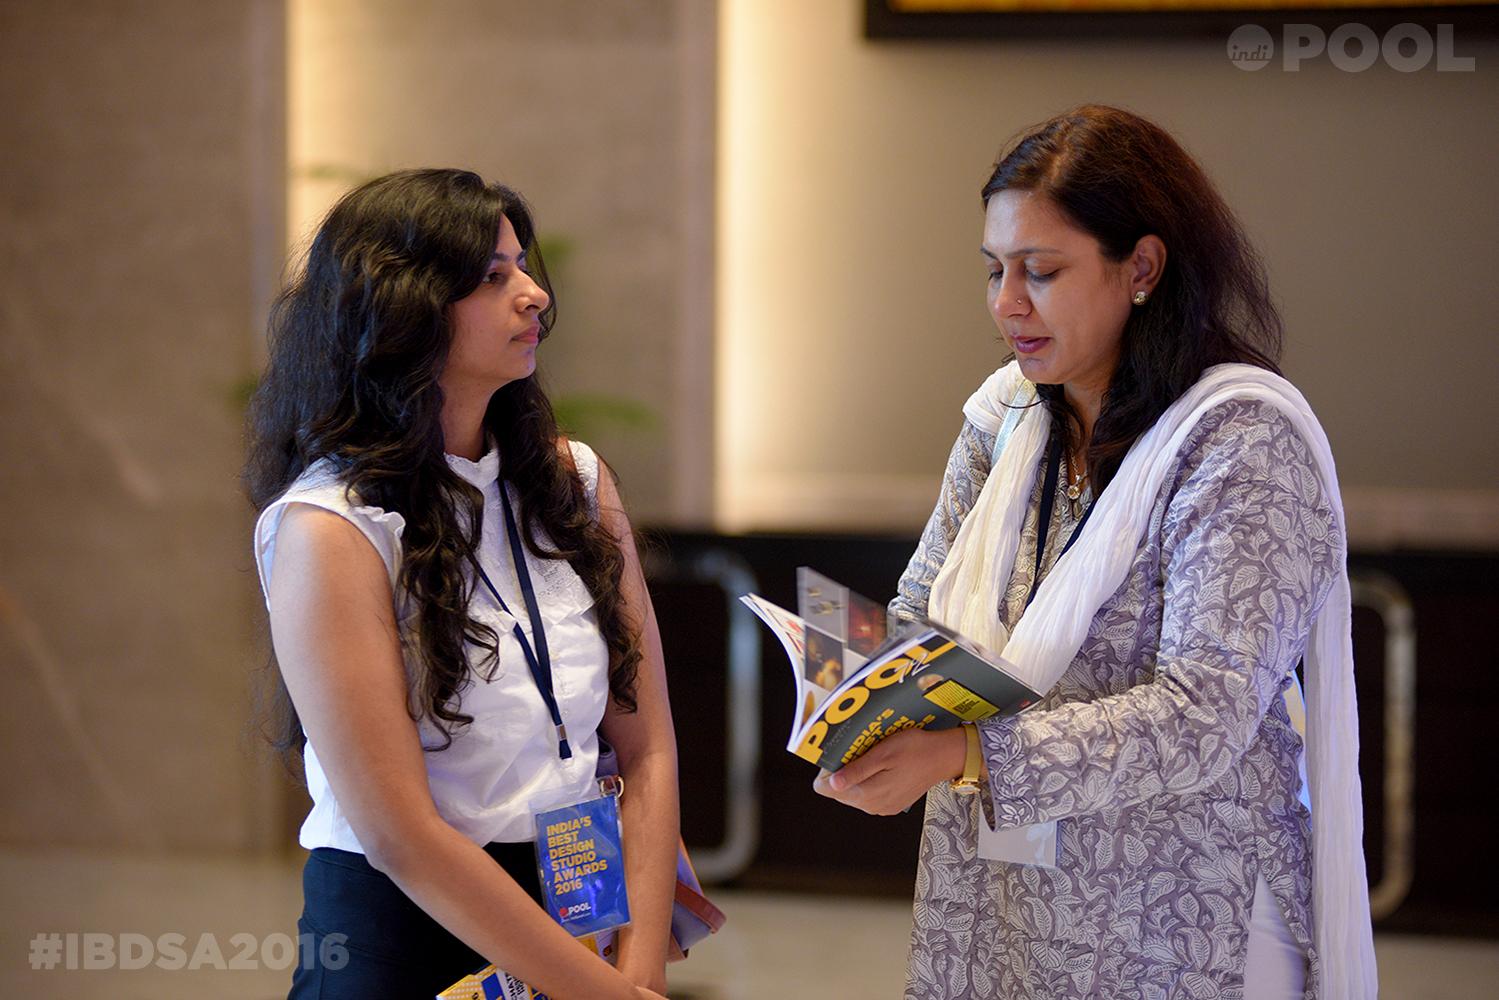 ISDI Delegates